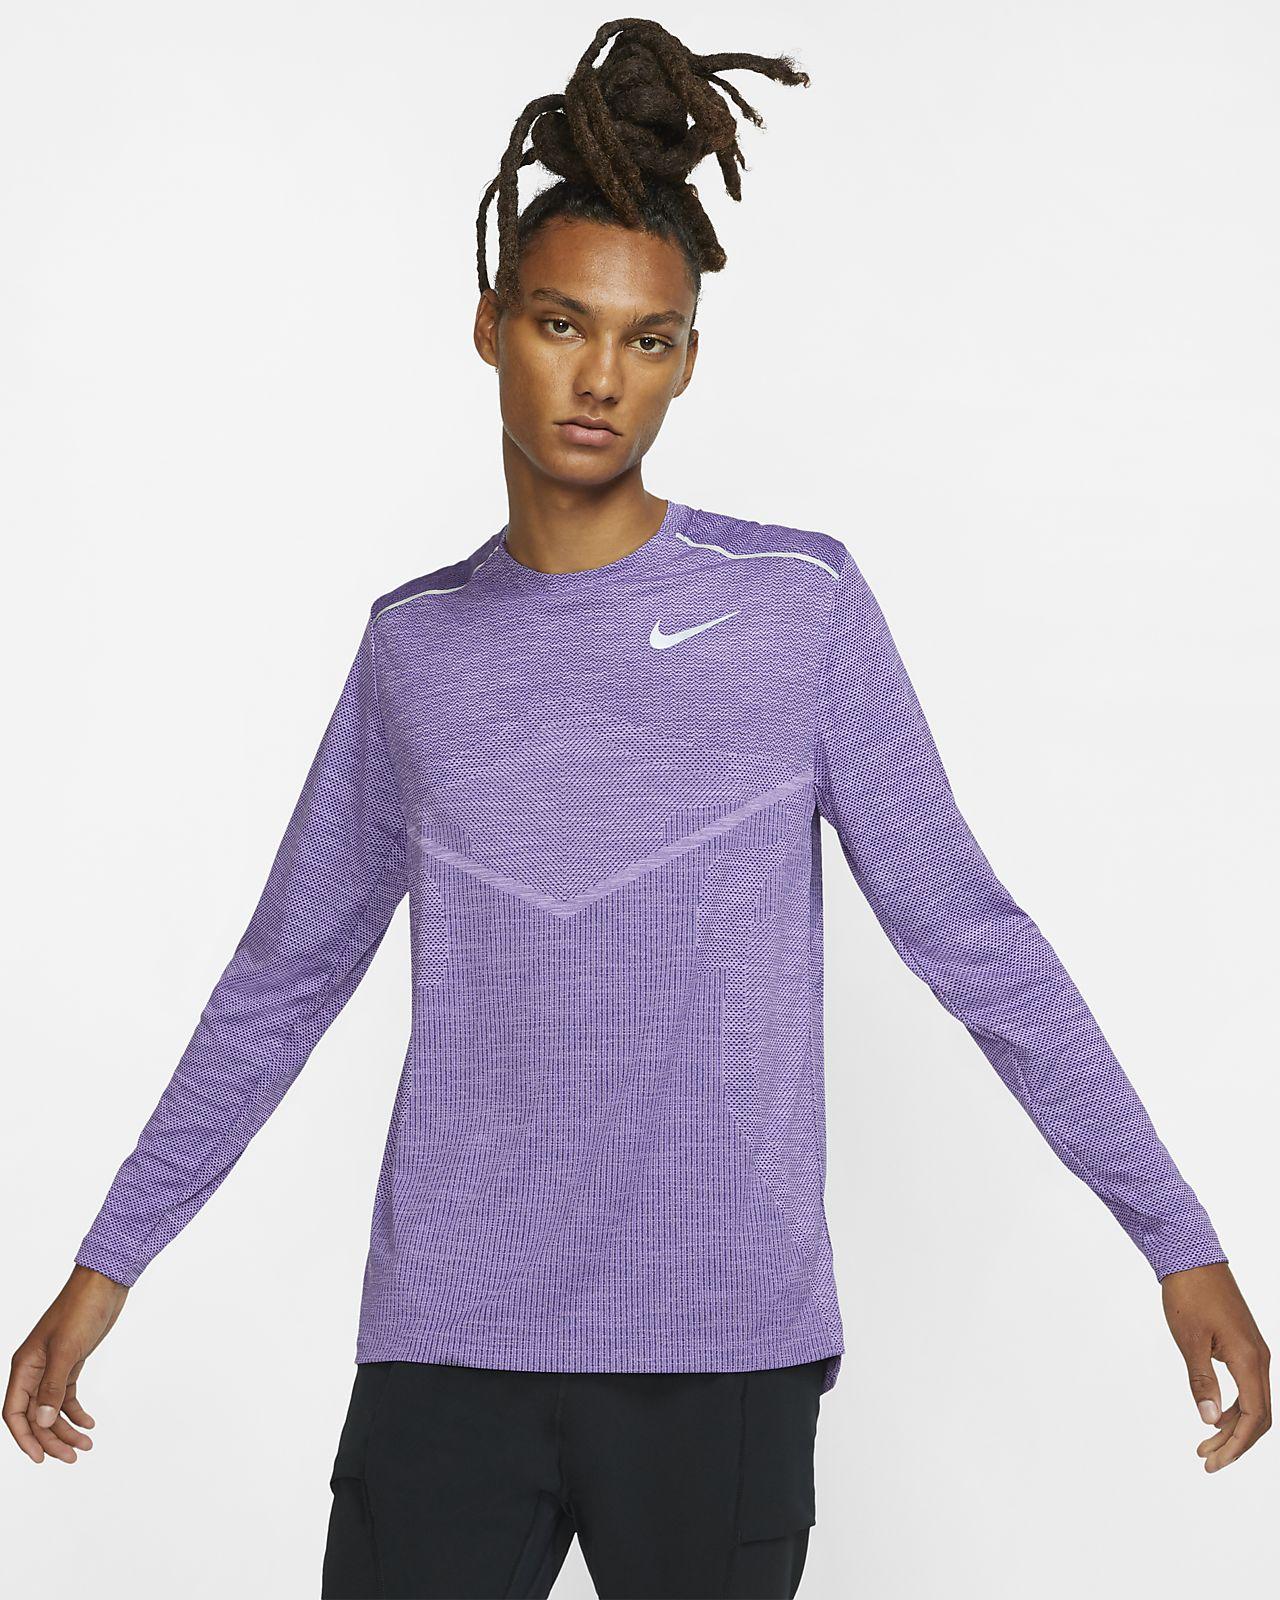 Ανδρική μακρυμάνικη μπλούζα για τρέξιμο Nike TechKnit Ultra